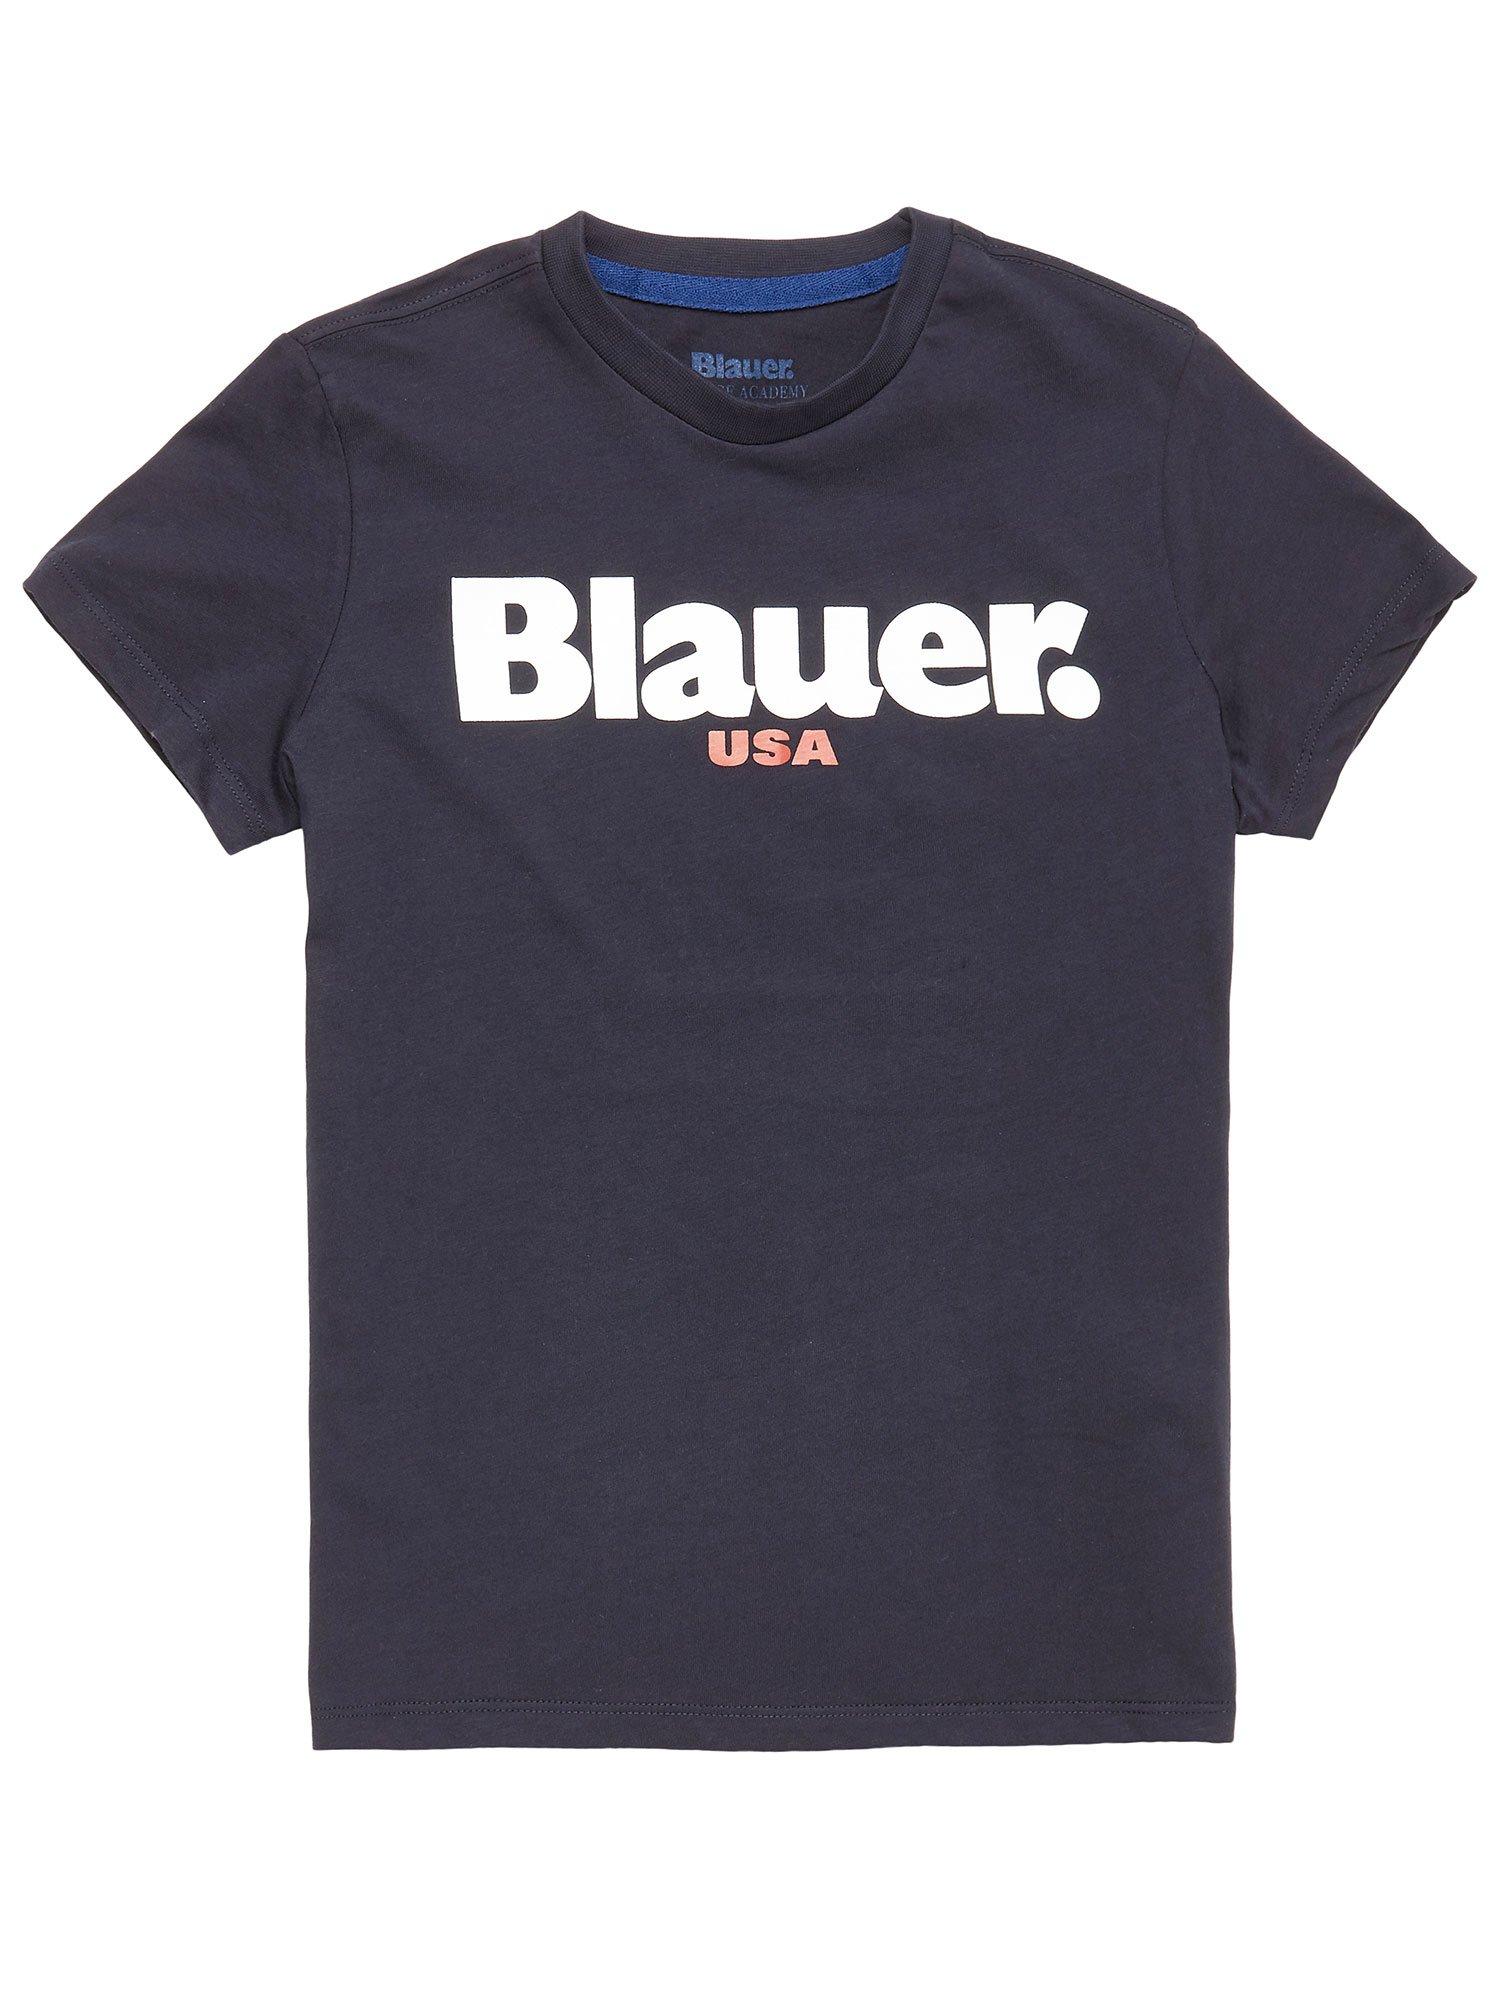 Blauer - T-SHIRT BLAUER USA FÜR JUNGEN - Blauer